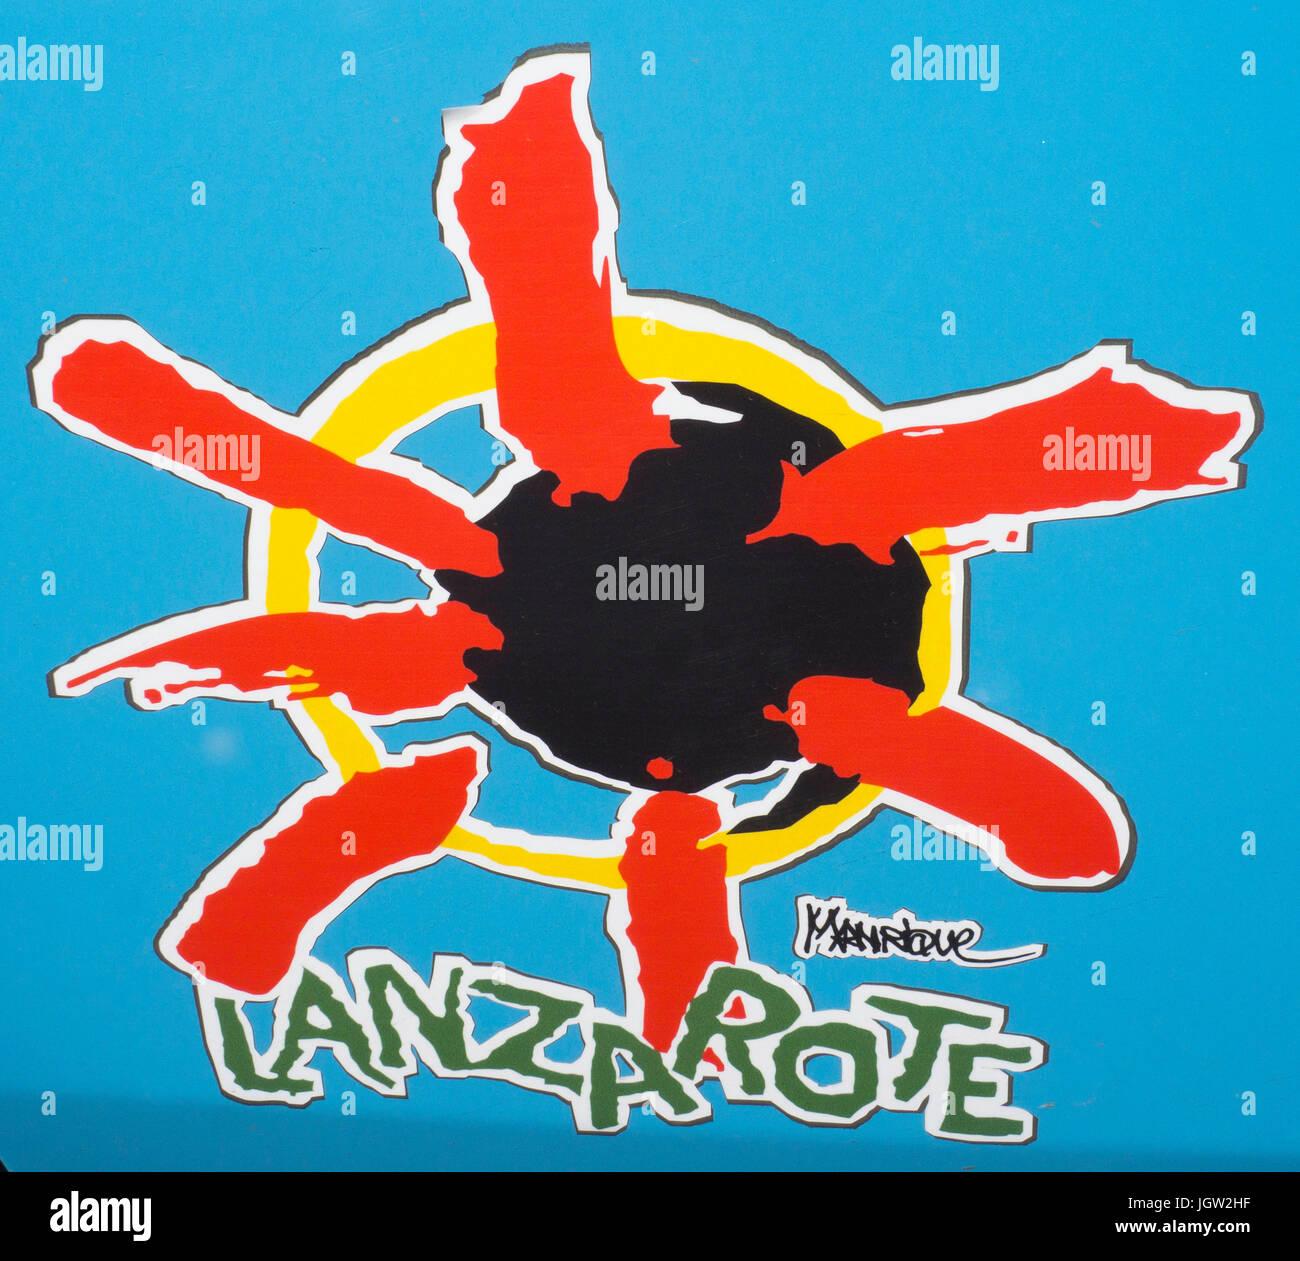 Logo von Lanzarote, entworfen von Cesar Manrique, Lanzarote, Kanarische Inseln, Spanien, Europa Stockbild